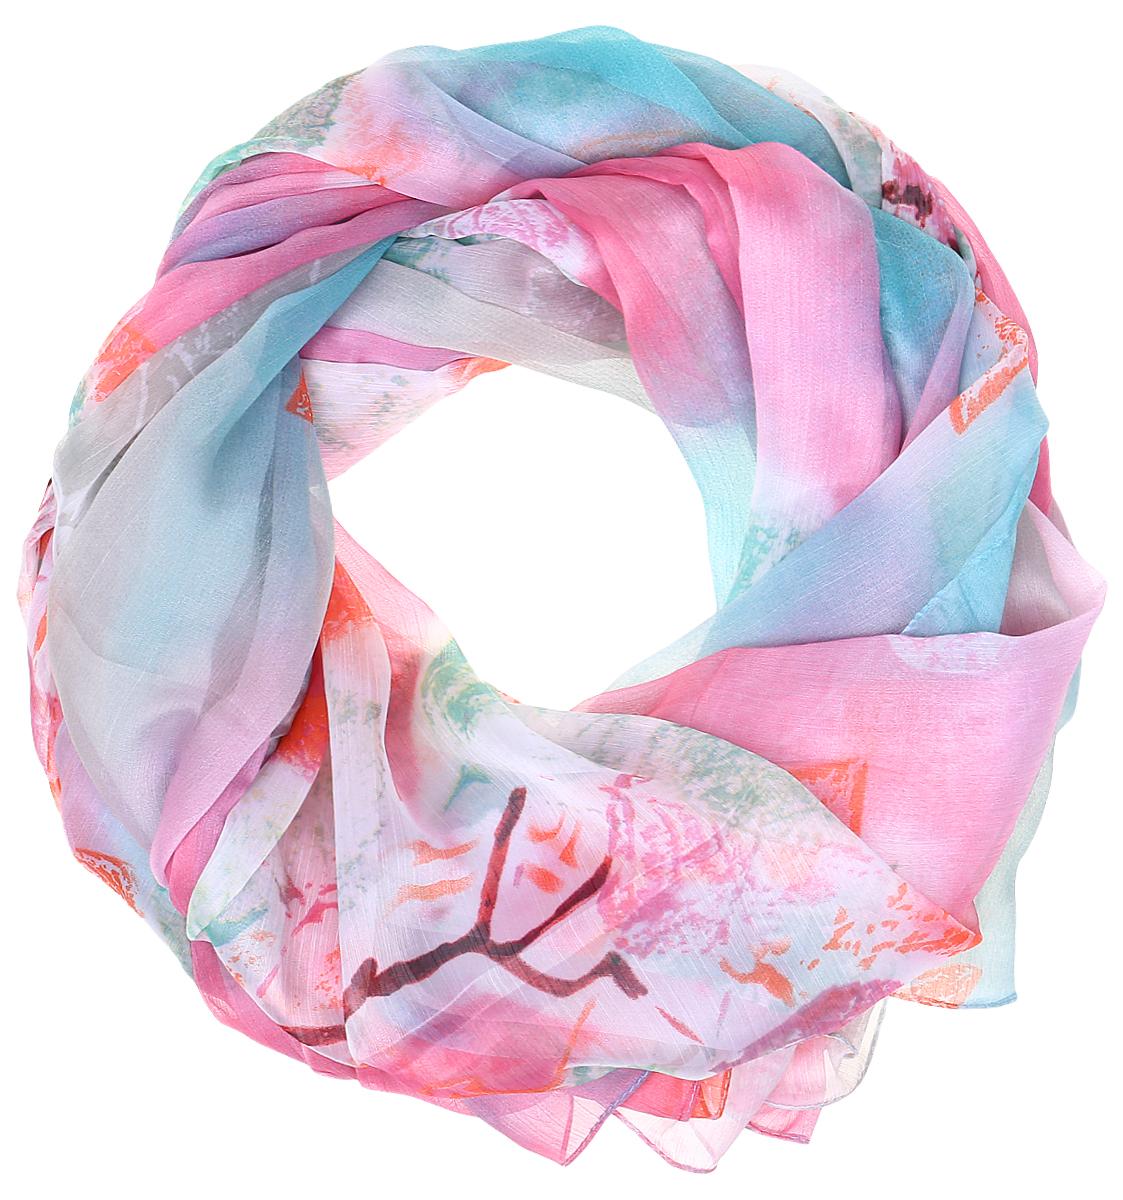 Палантин Sophie Ramage, цвет: розовый, голубой. PP-11706-1. Размер 120 см х 180 смPP-11706-1Яркий палантин Sophie Ramage изготовлен из шелка и полиэстера. Модель оформлена оригинальным принтом. Изделия Sophie Ramage приятные на ощупь и подойдут к любому стилю.